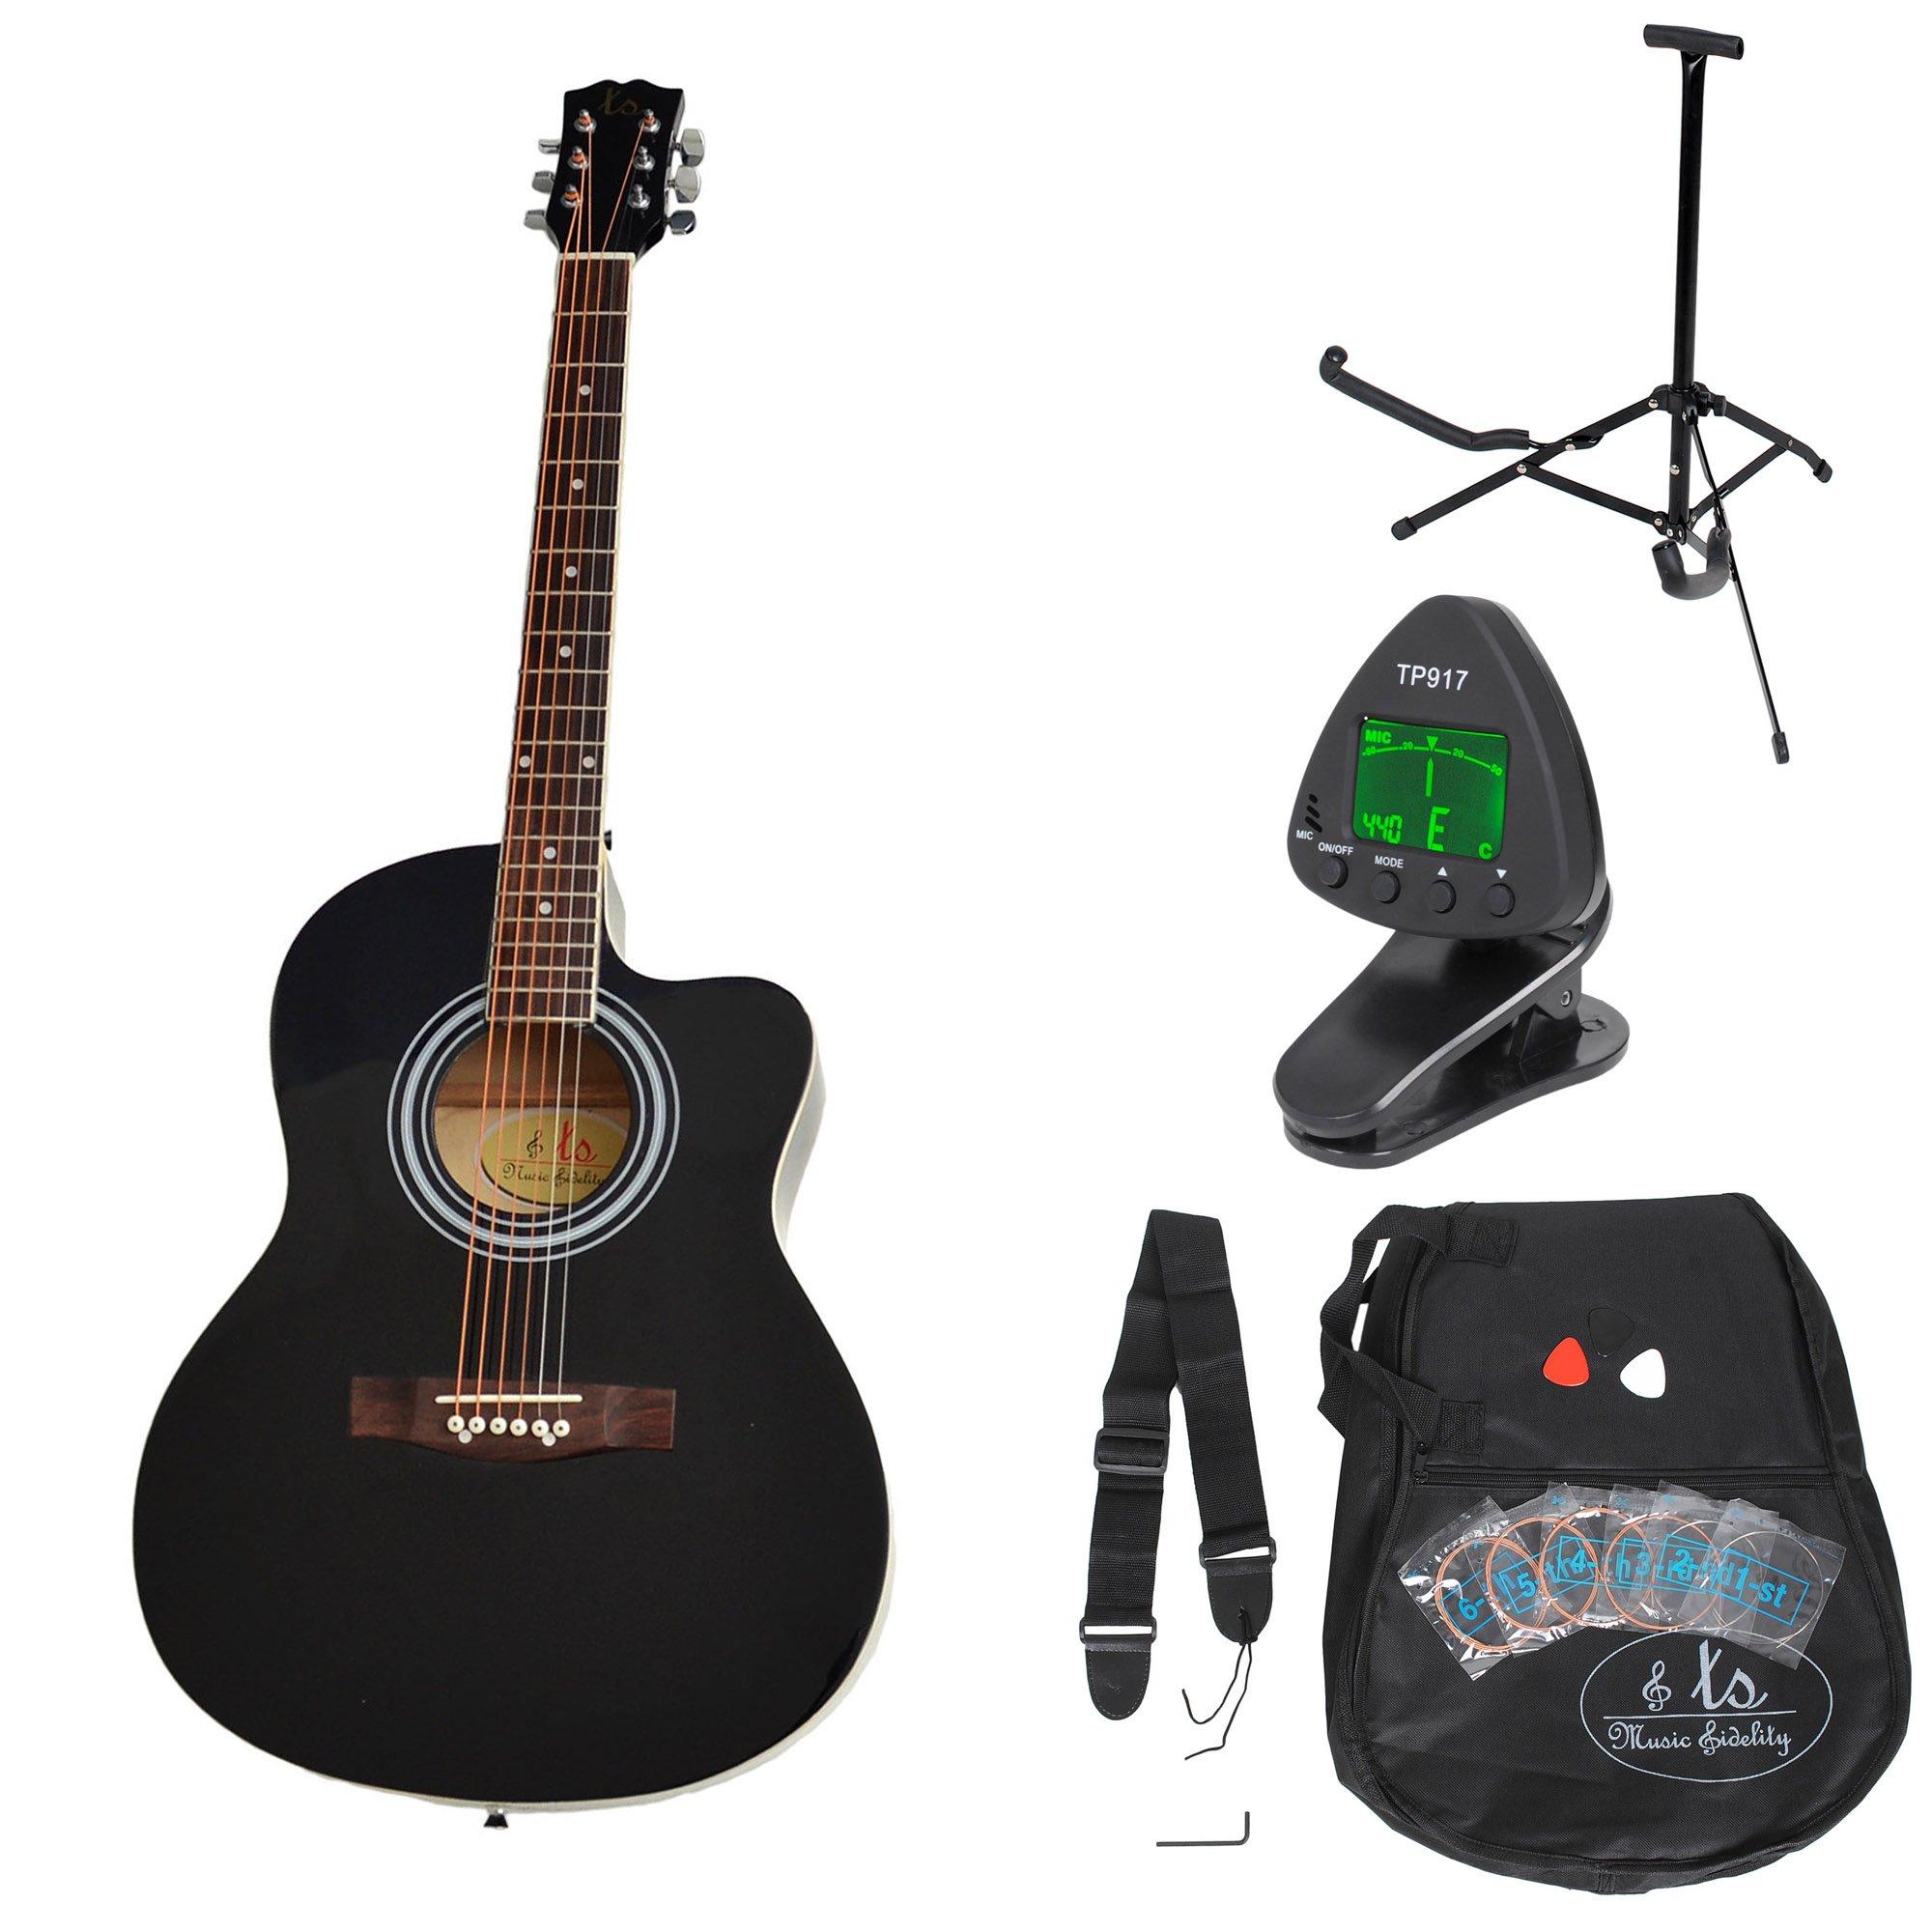 ts-ideen 5331 - Kit de guitarra acústica, color negro product image